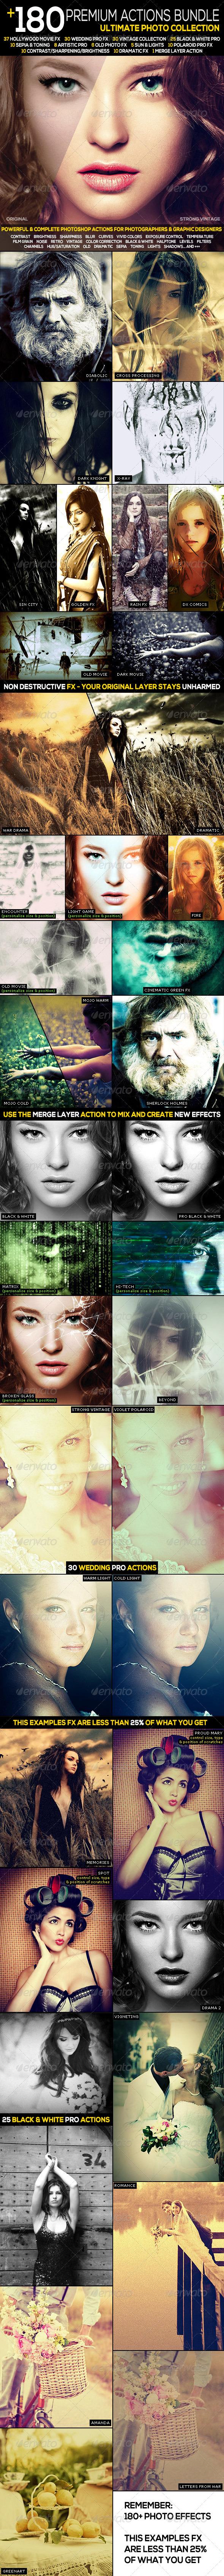 http://3.s3.envato.com/files/38290624/preview.jpg